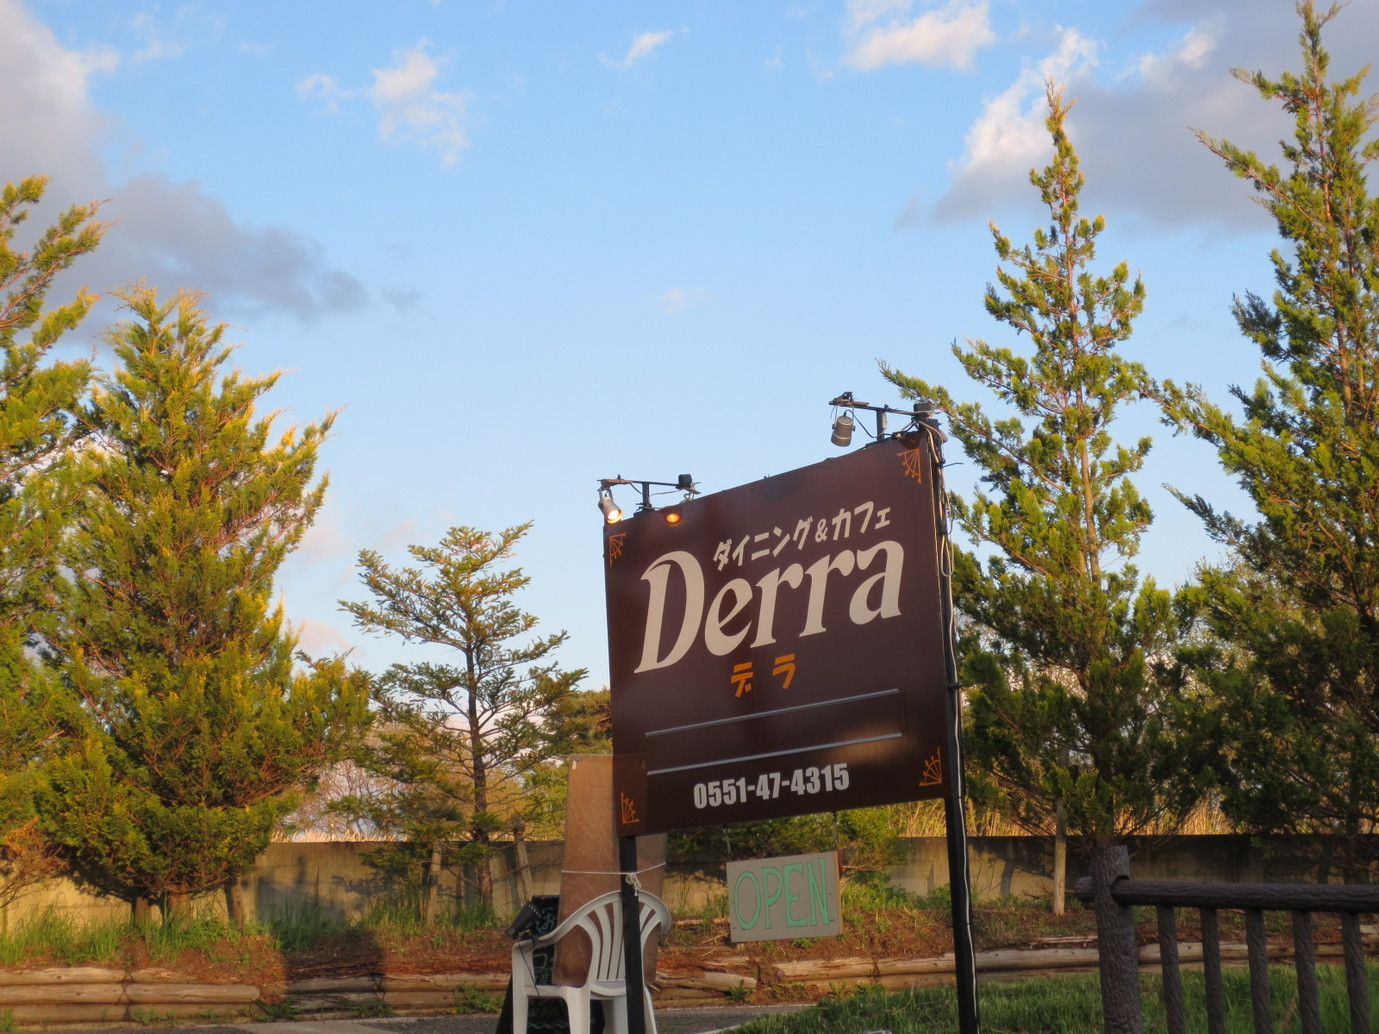 ダイニング&カフェ Derra